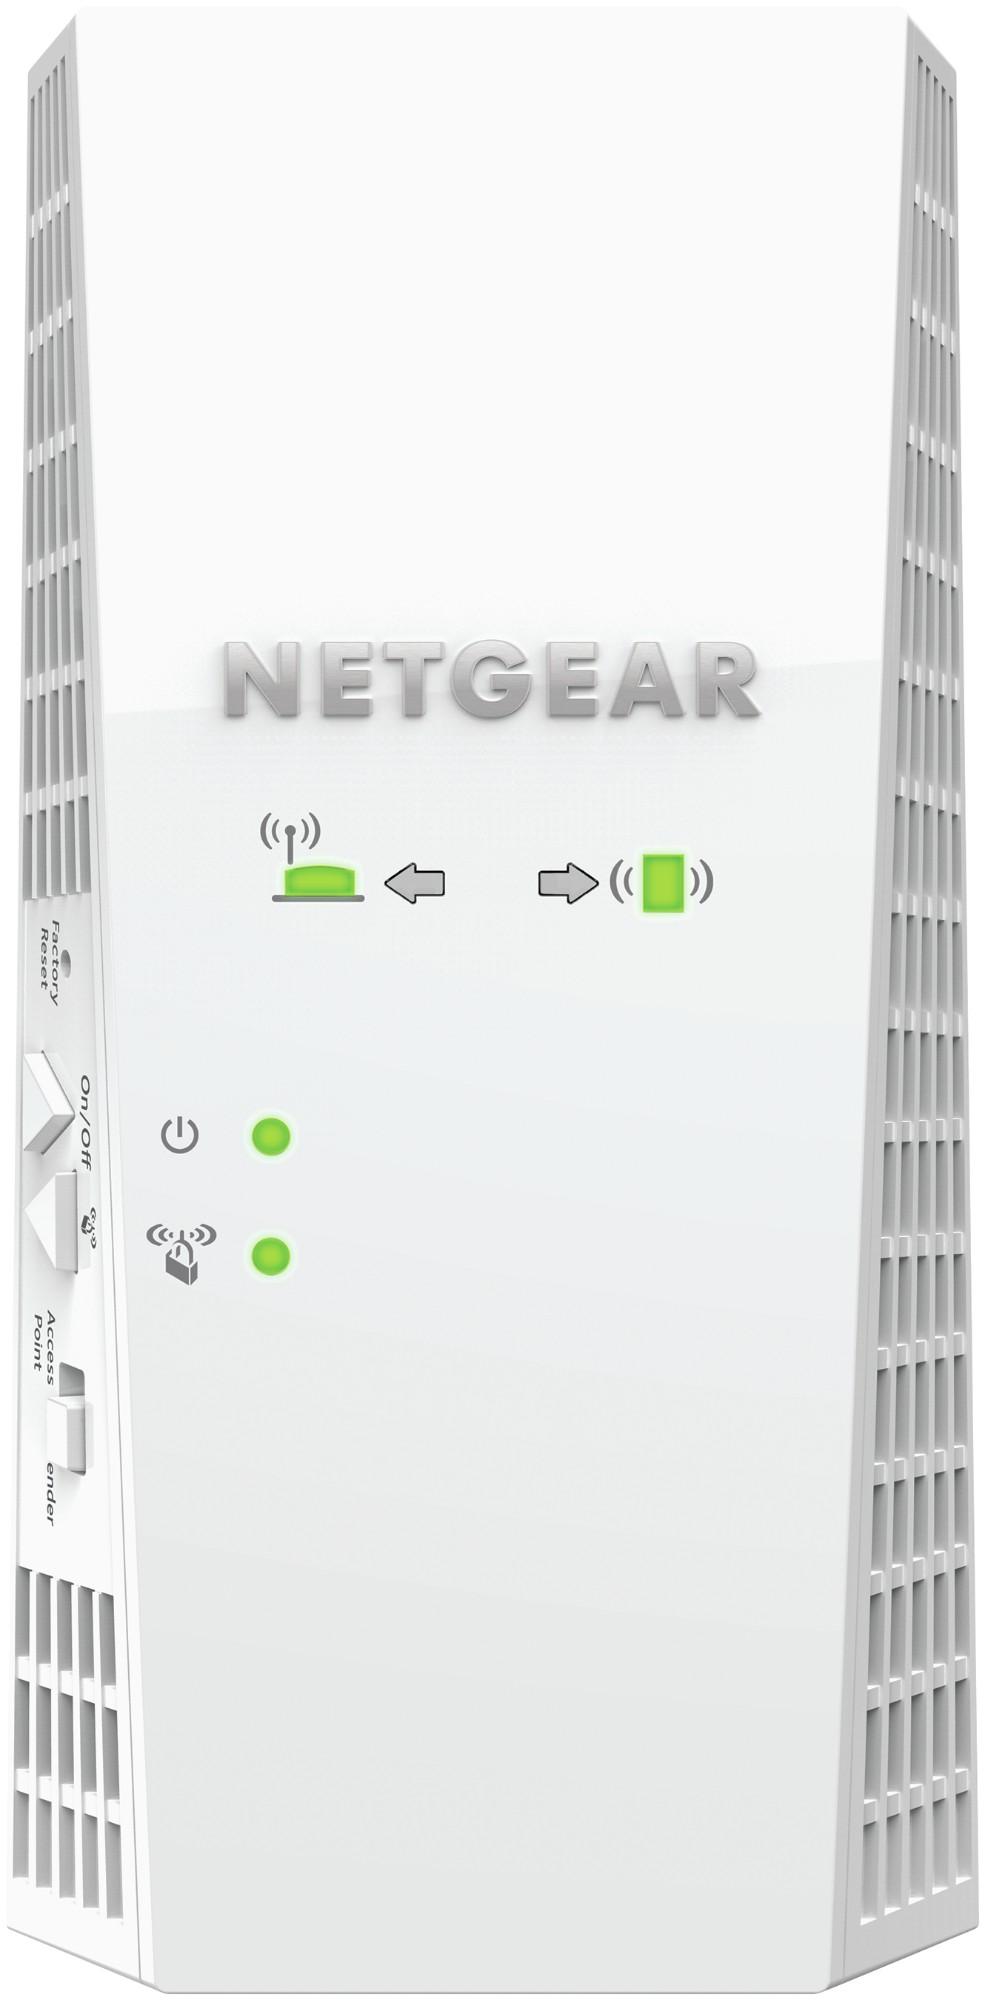 Netgear Nighthawk X4 Repetidor de red 10,100,1000 Mbit/s Blanco